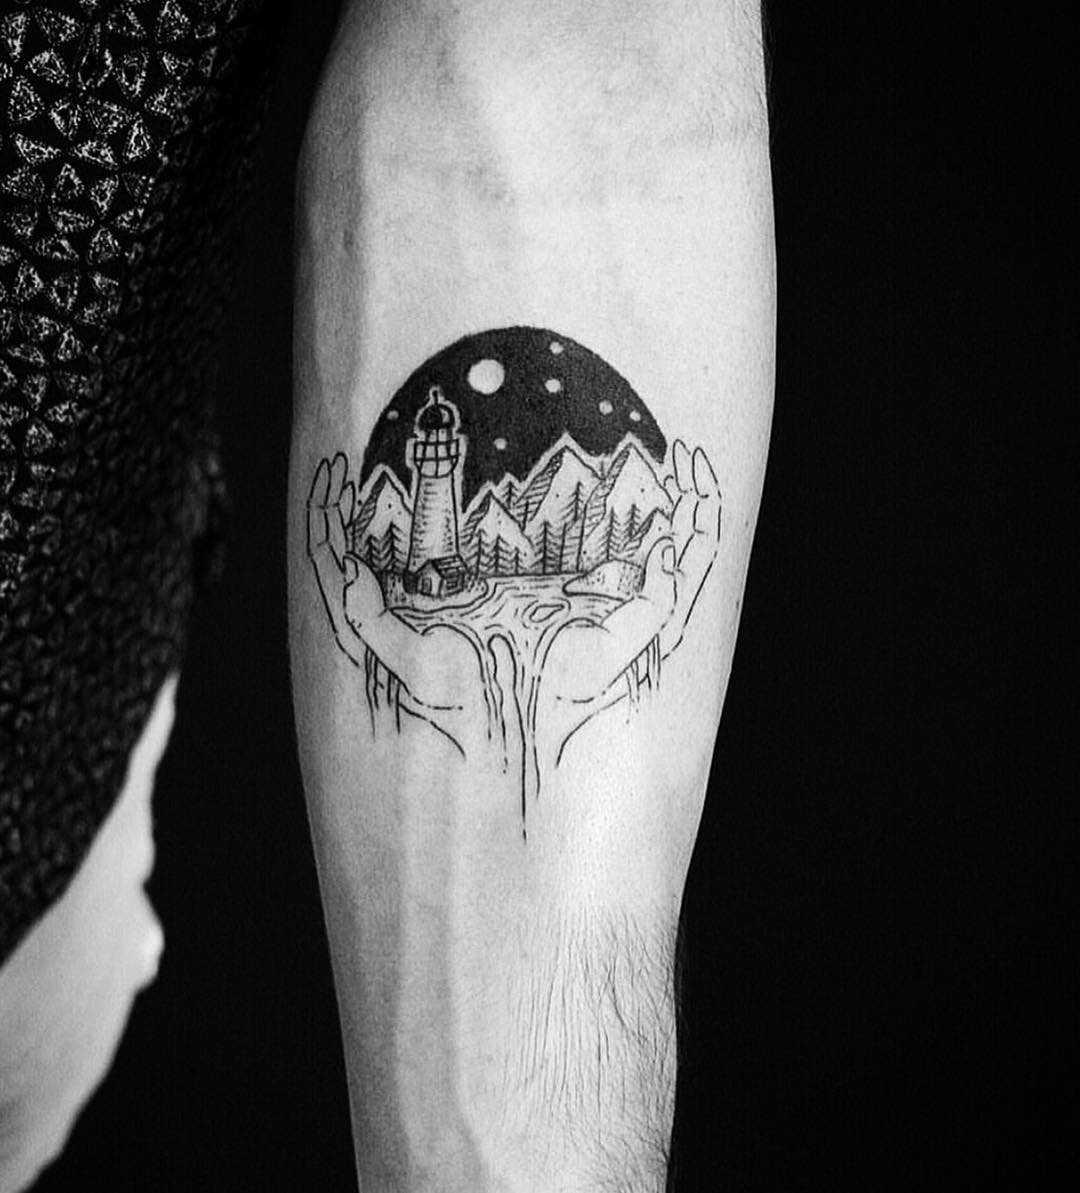 Landscape in hands by Jas.Fuketyfuk